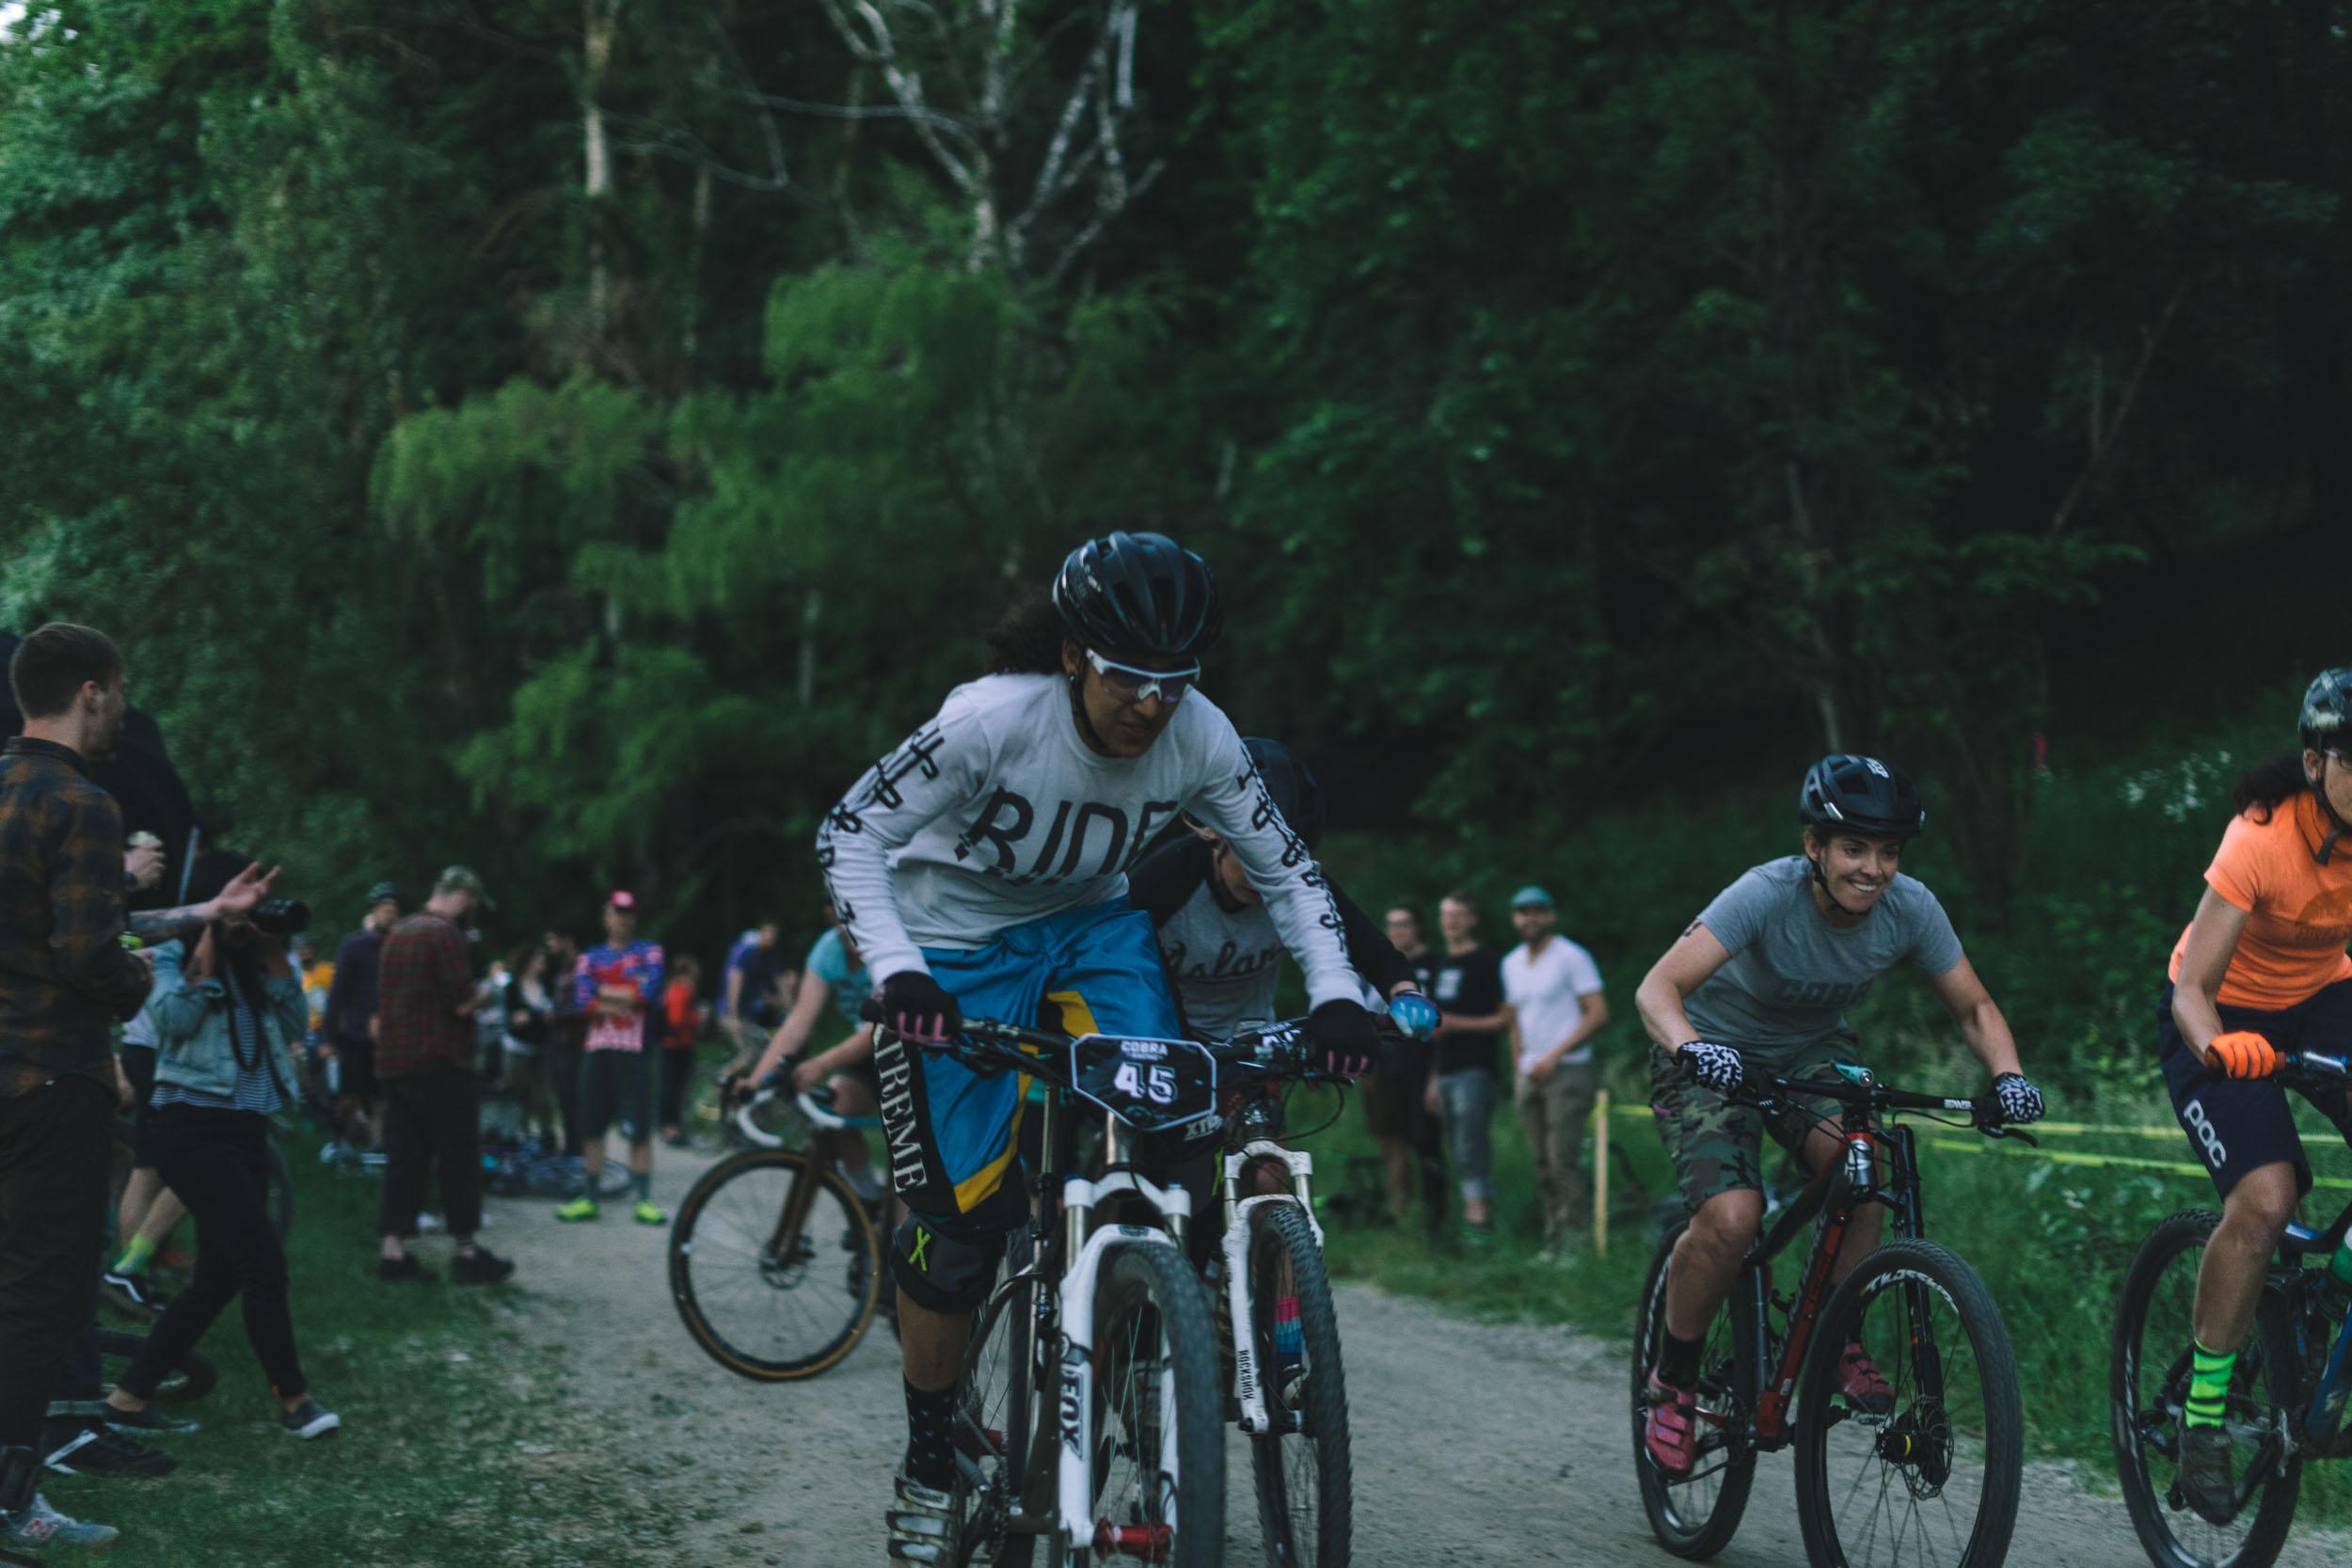 COBRA_Racing_Gateway_Miguel_Race_36.jpg